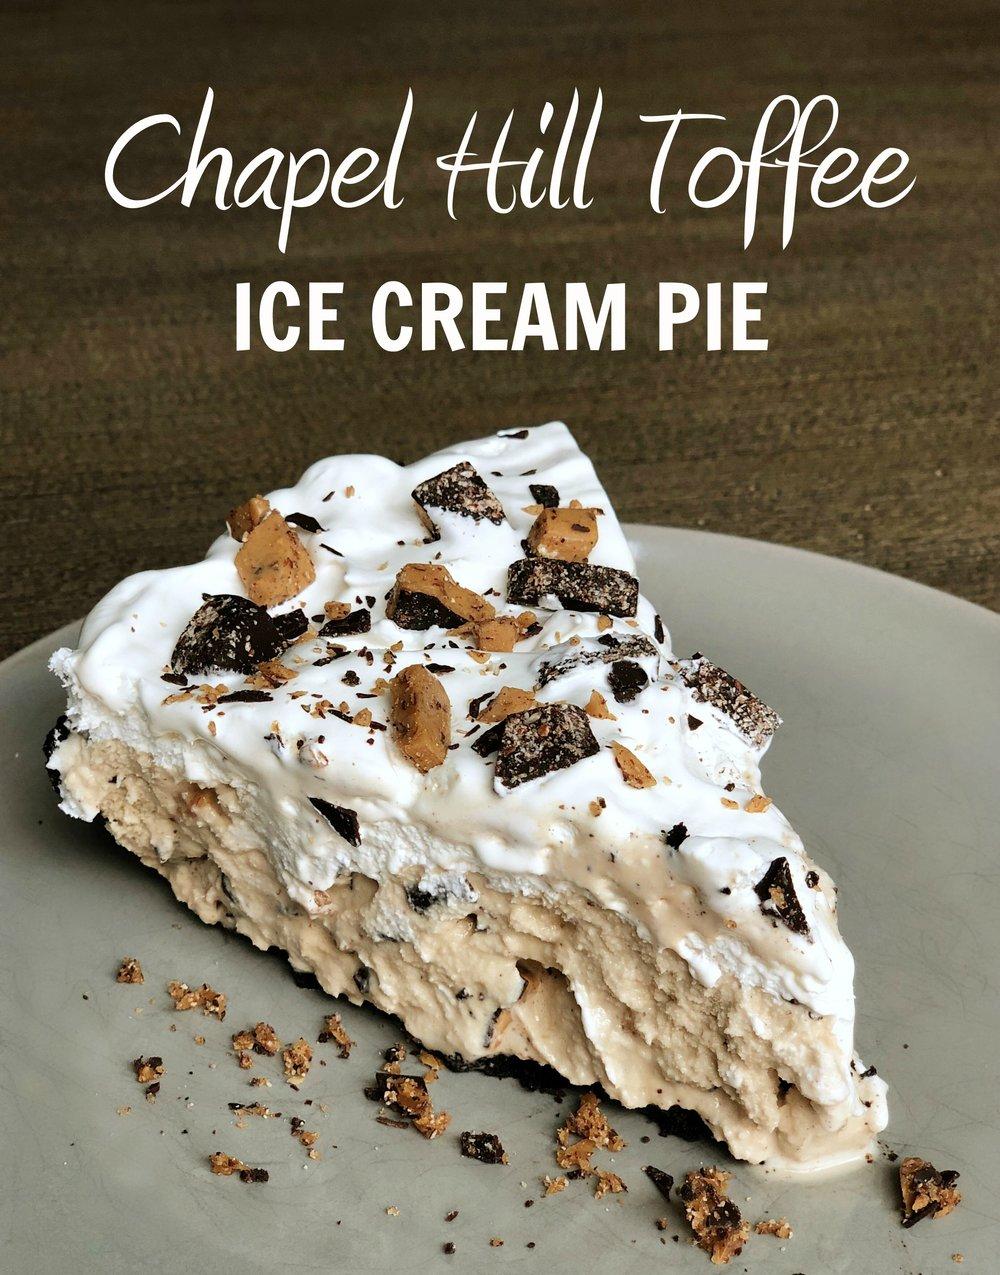 Ice Cream Pie 09 with text.jpg